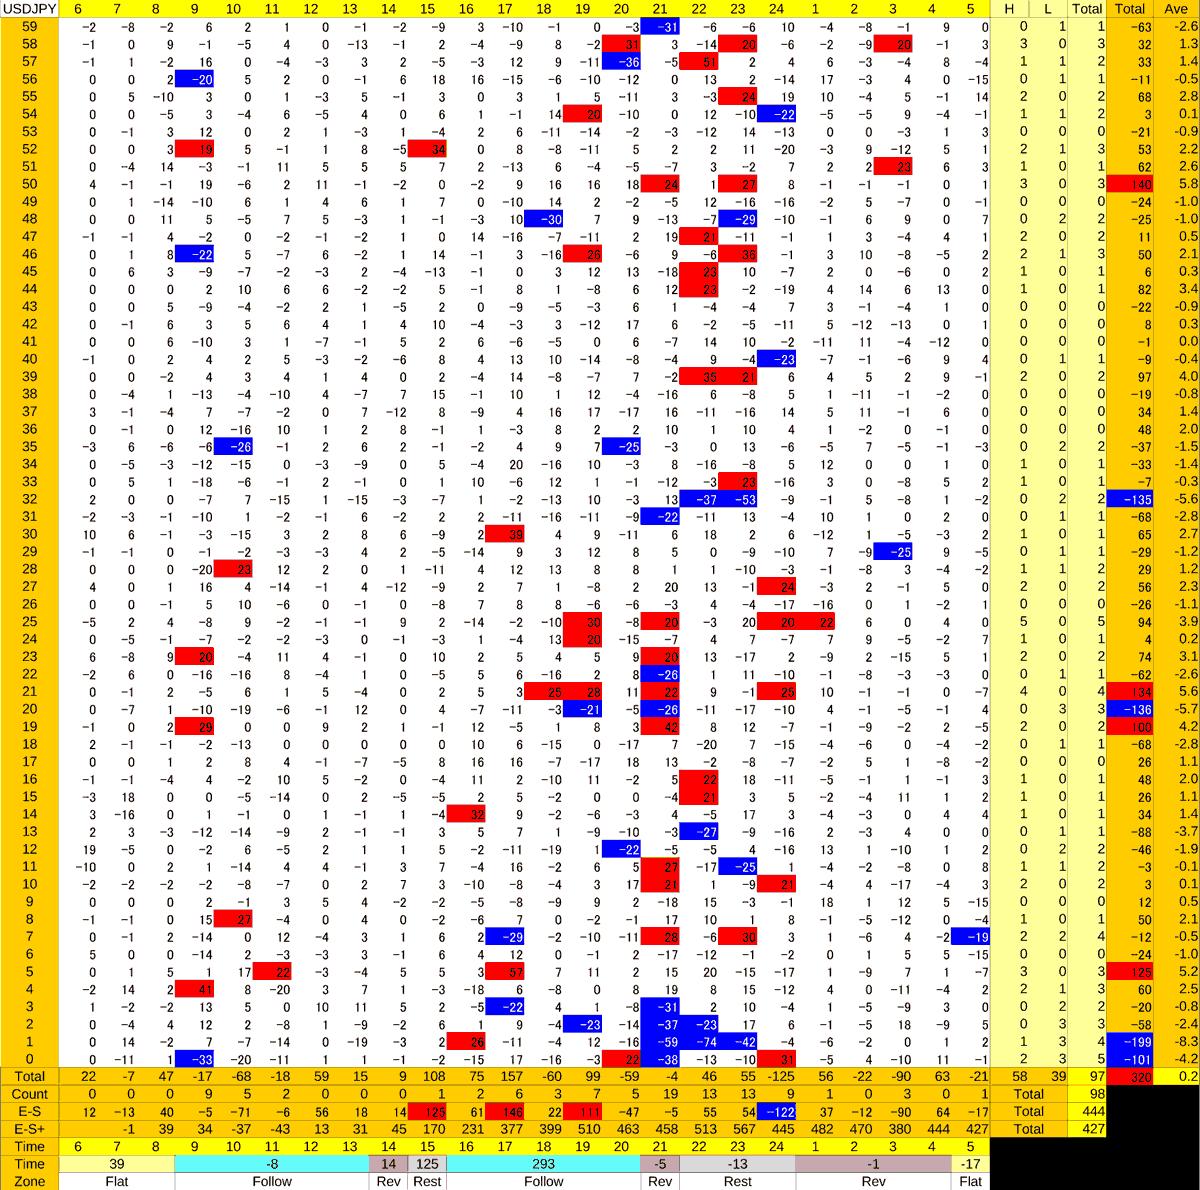 20200825_HS(1)USDJPY